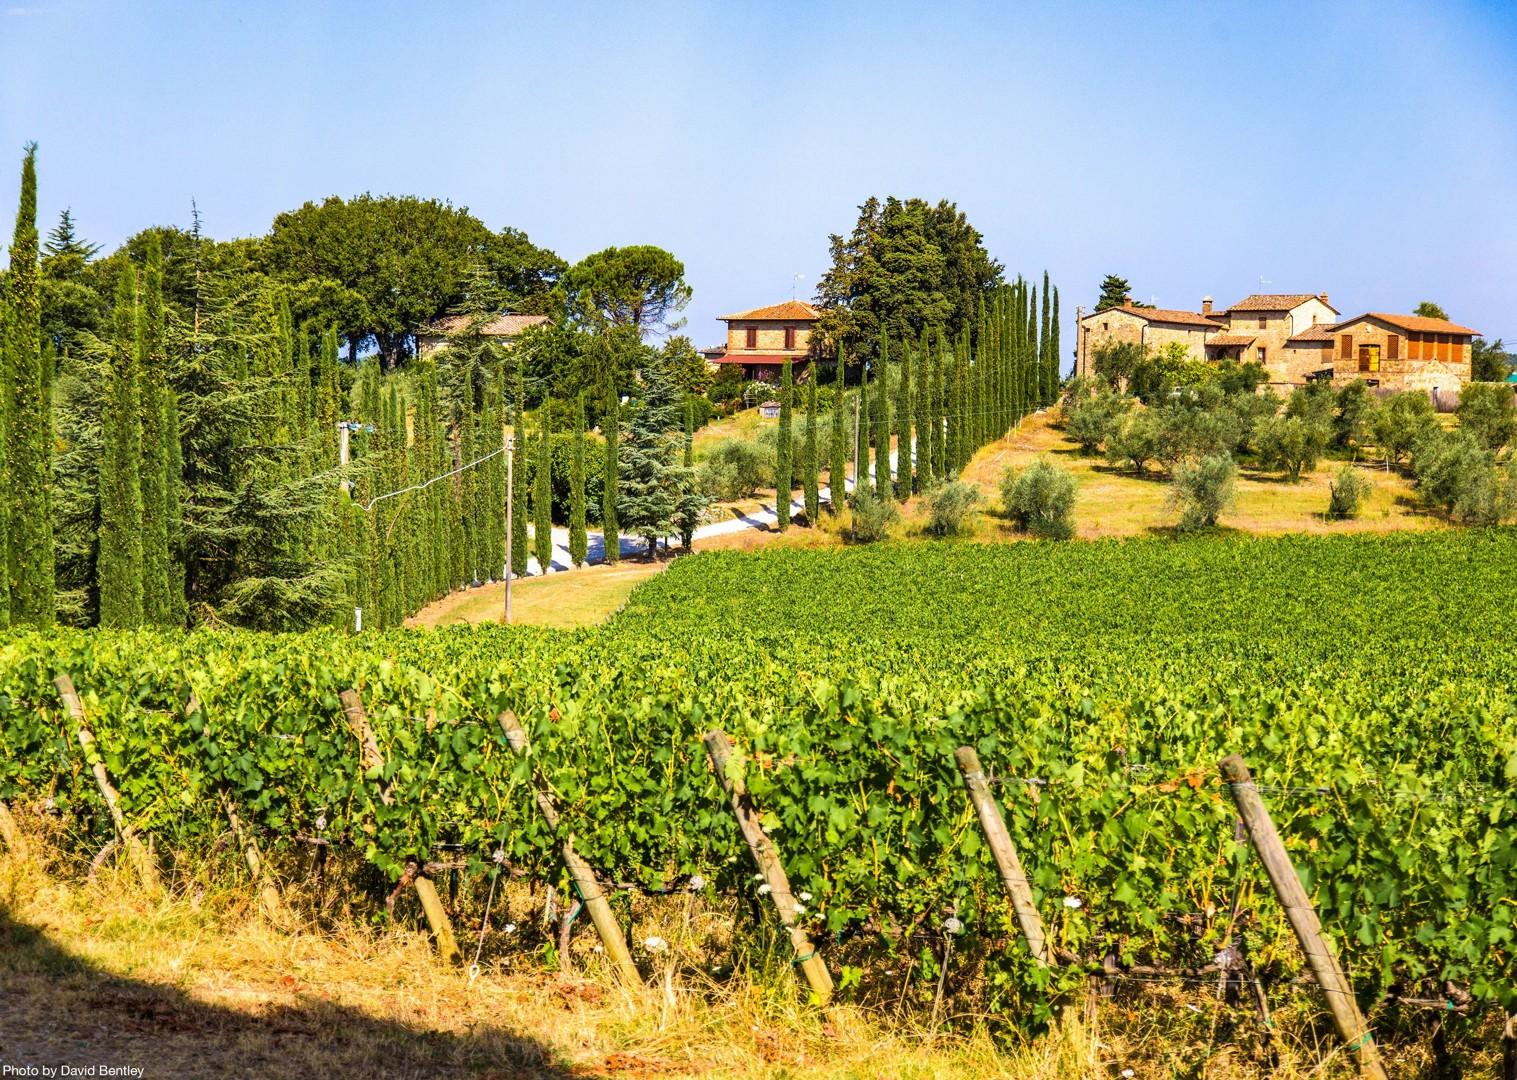 0077 Day 4 Chianti Region.jpg - Italy - Tuscany Tourer - Road Cycling